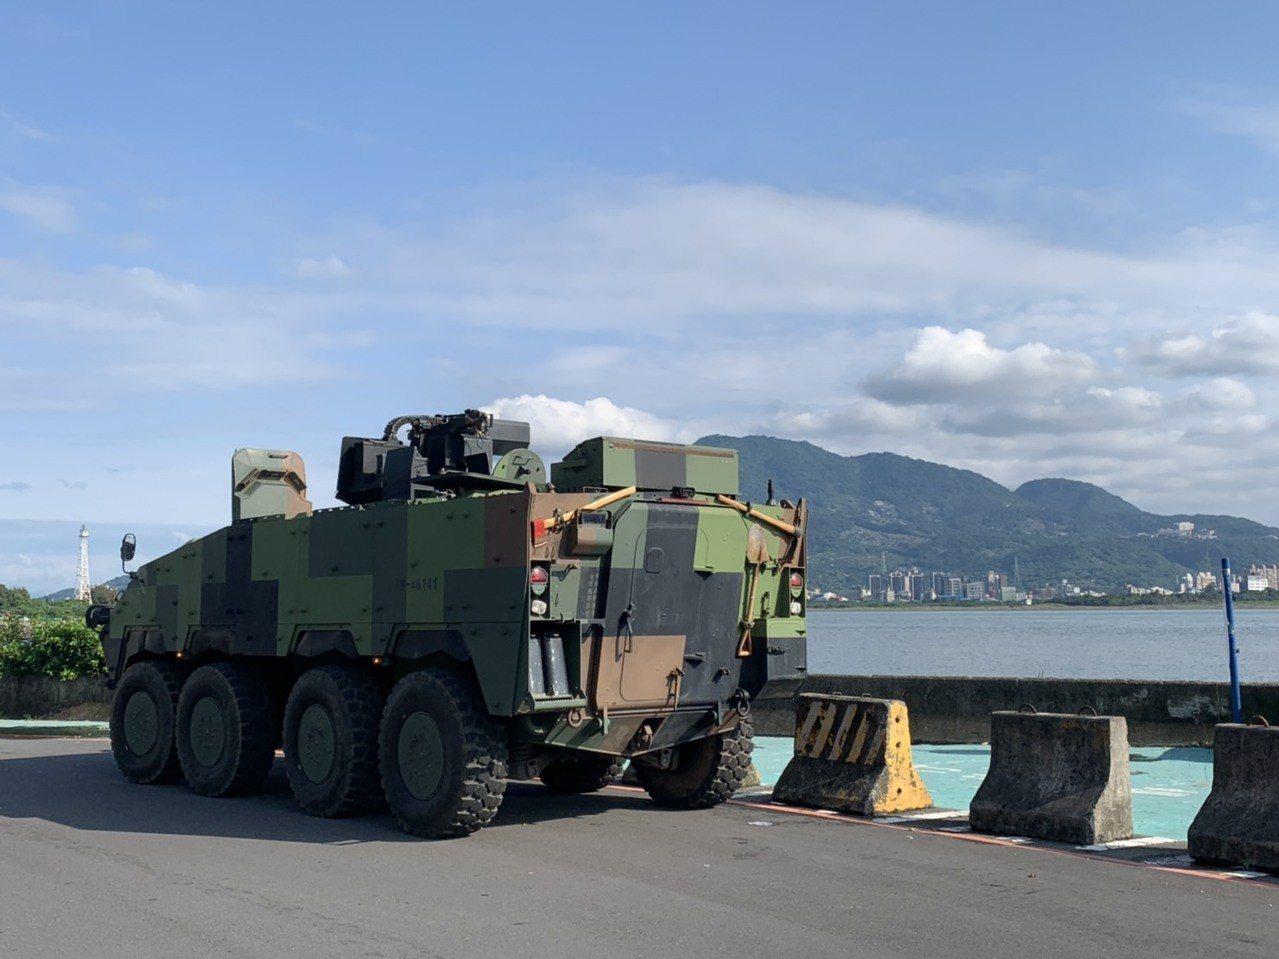 陸軍將在淡水河口實施反滲透作戰,兩岸將滿佈「火點」,以20機砲、標槍飛彈、戰車砲...